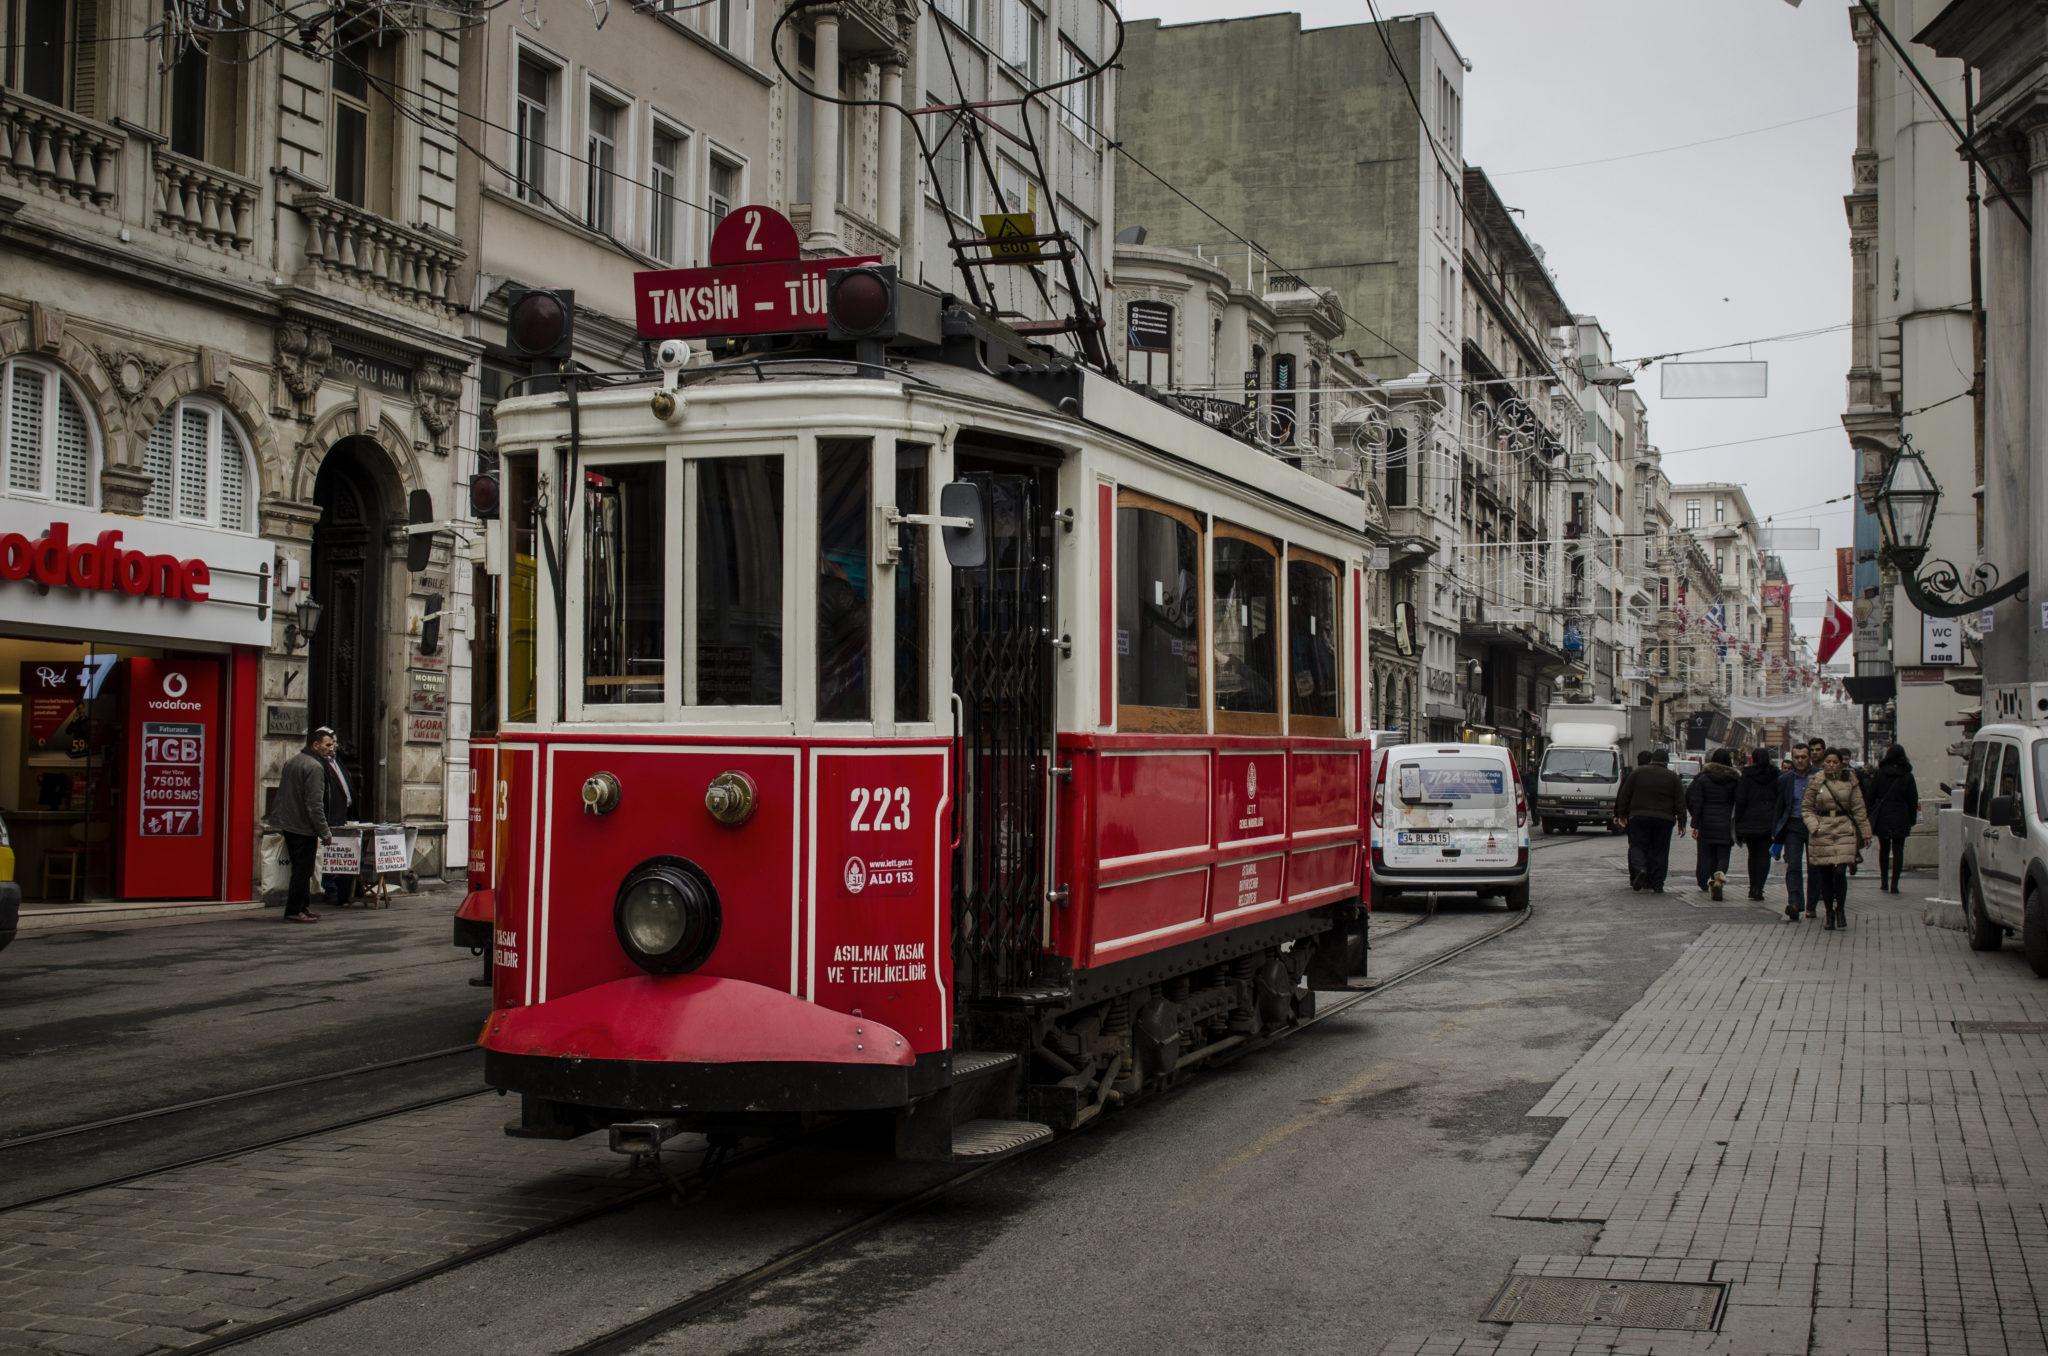 Taksim Tünnel Bahn in Istanbul Türkei Reisetipps